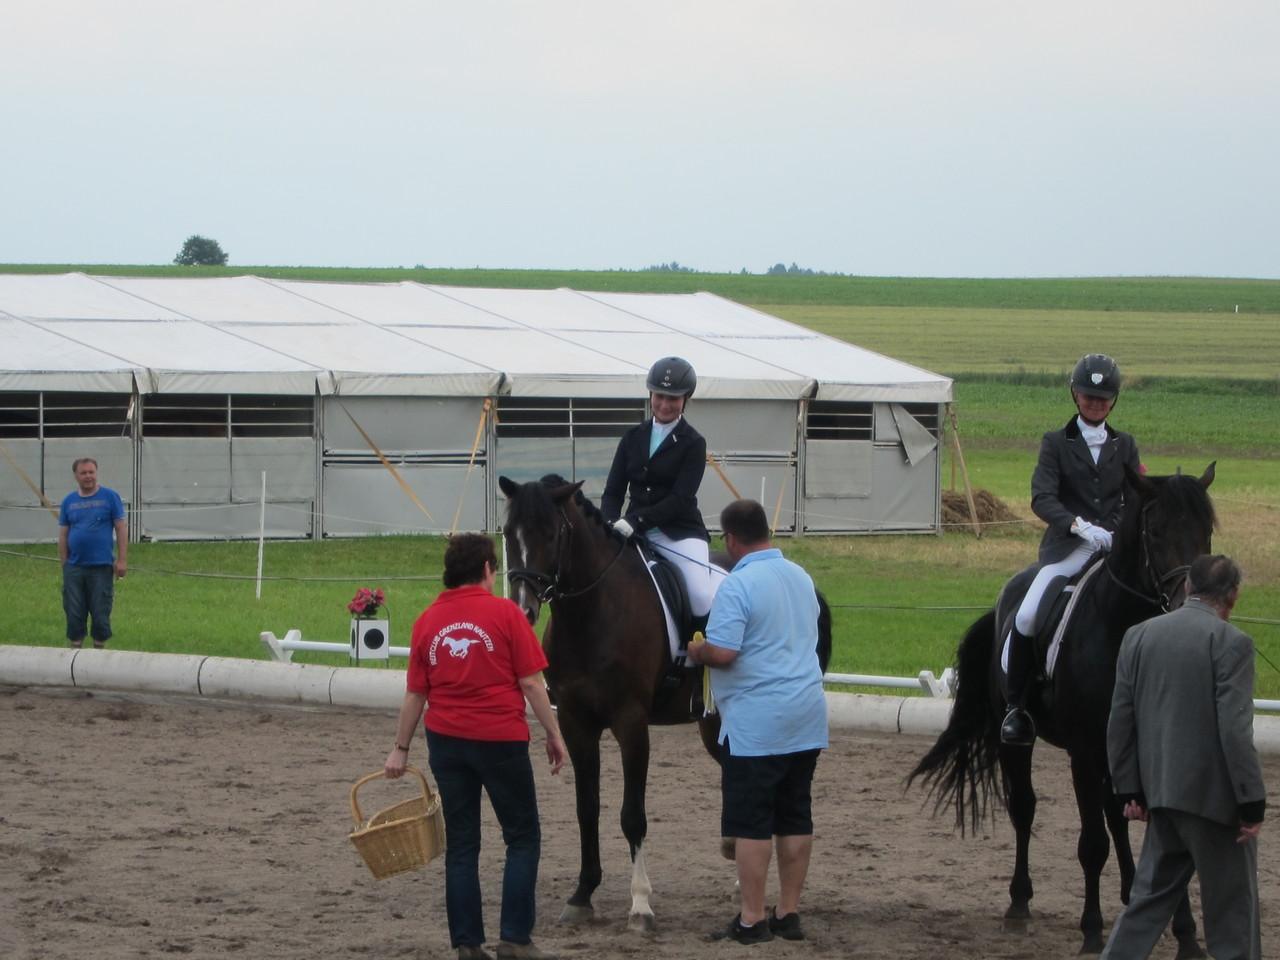 Lisa mit Graf Carpine L bei der Siegerehrung der 5-6 jährigen Dressurpferde Kl. A